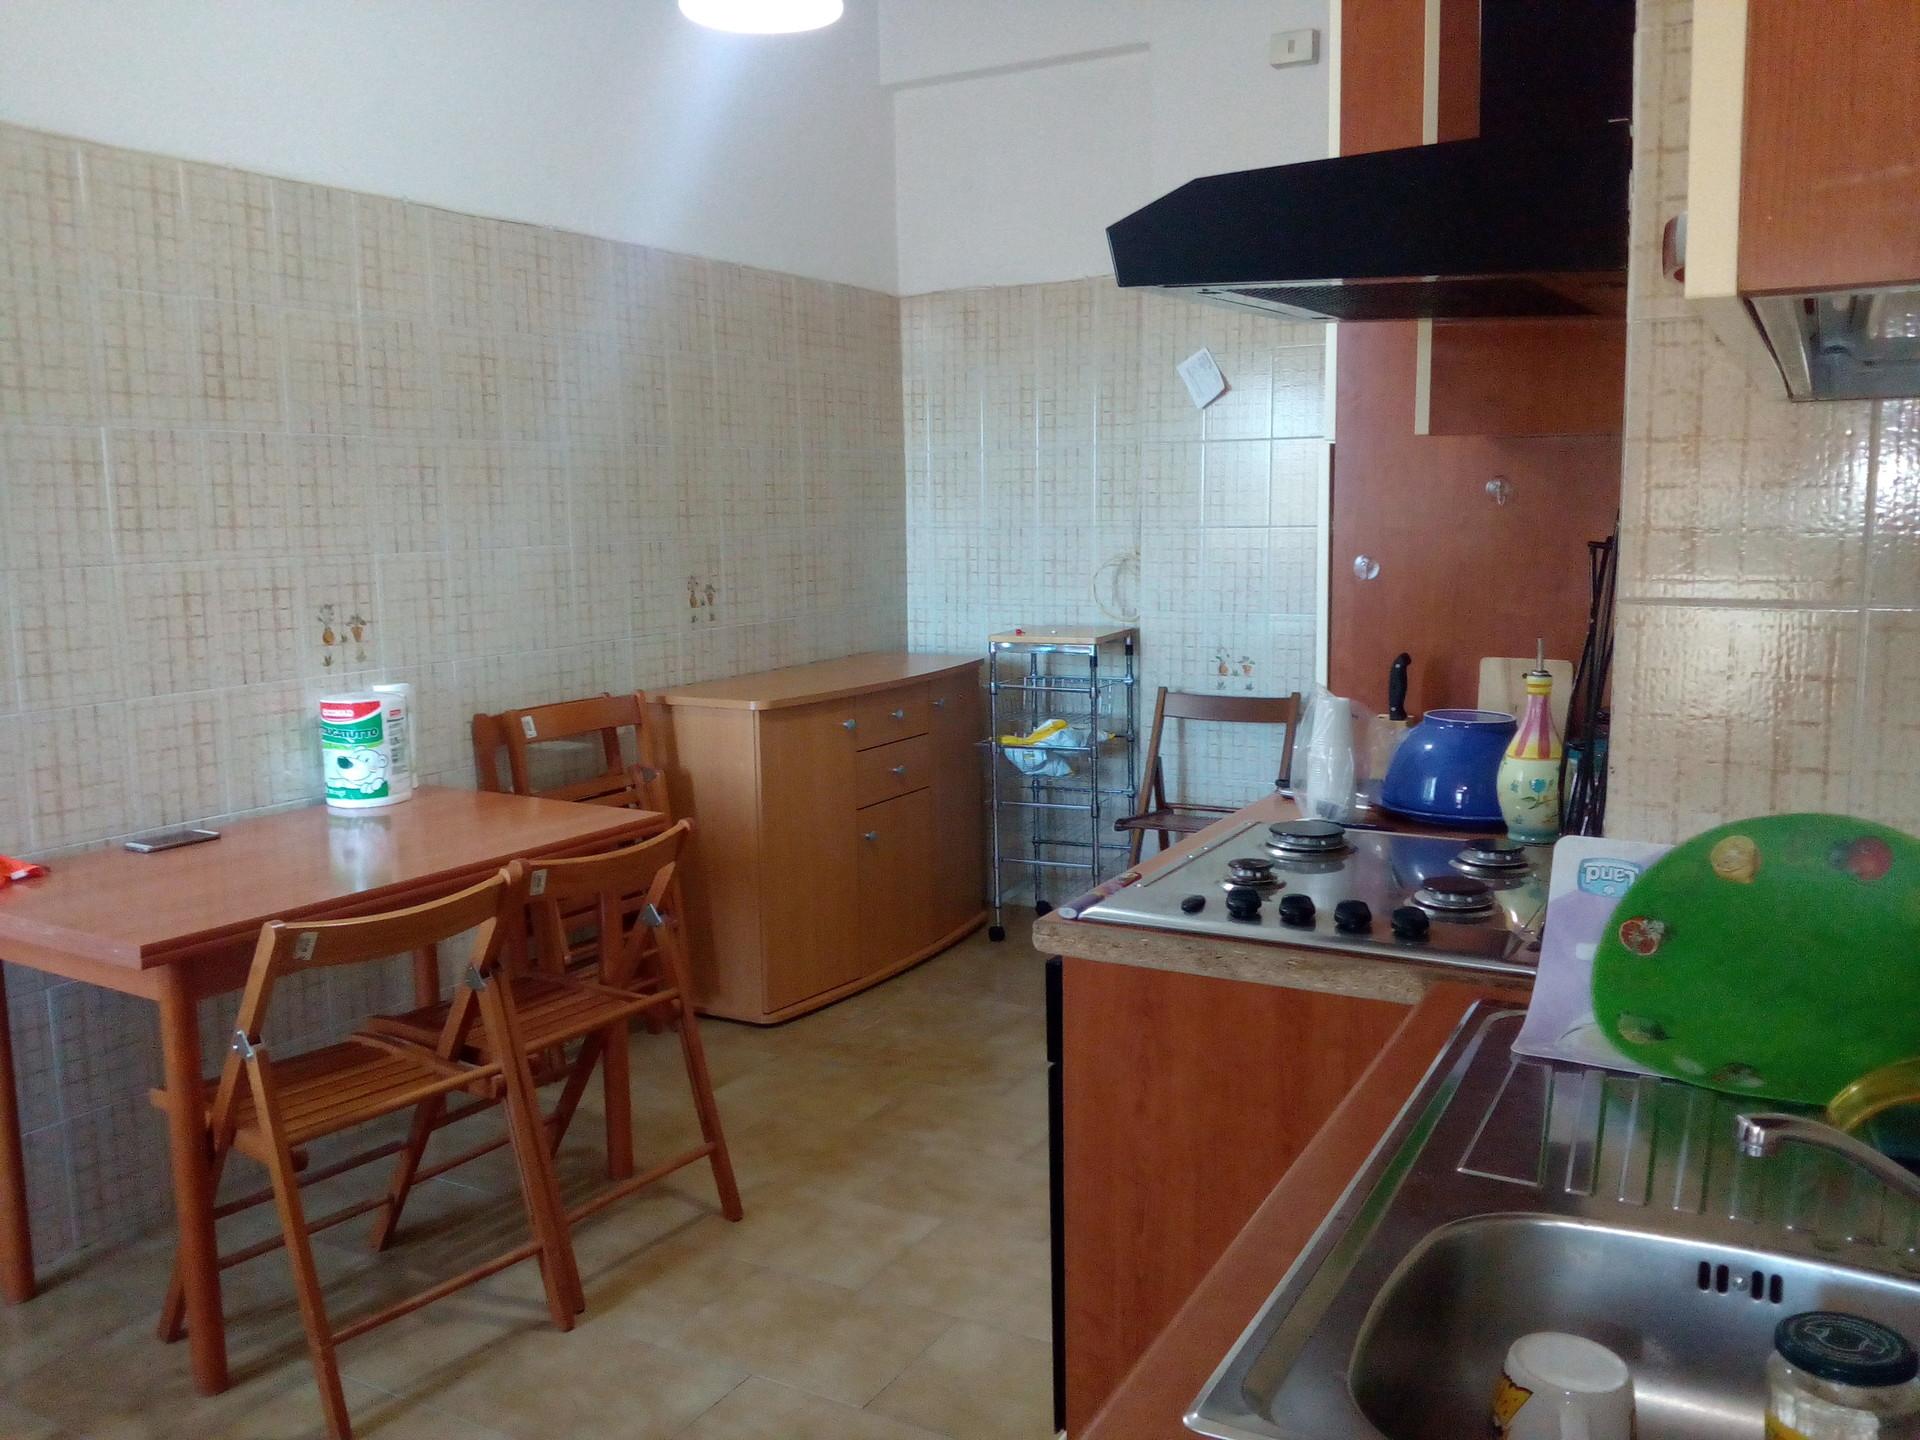 appartamento luminoso di 95 mq 4 letto cucina abitabile